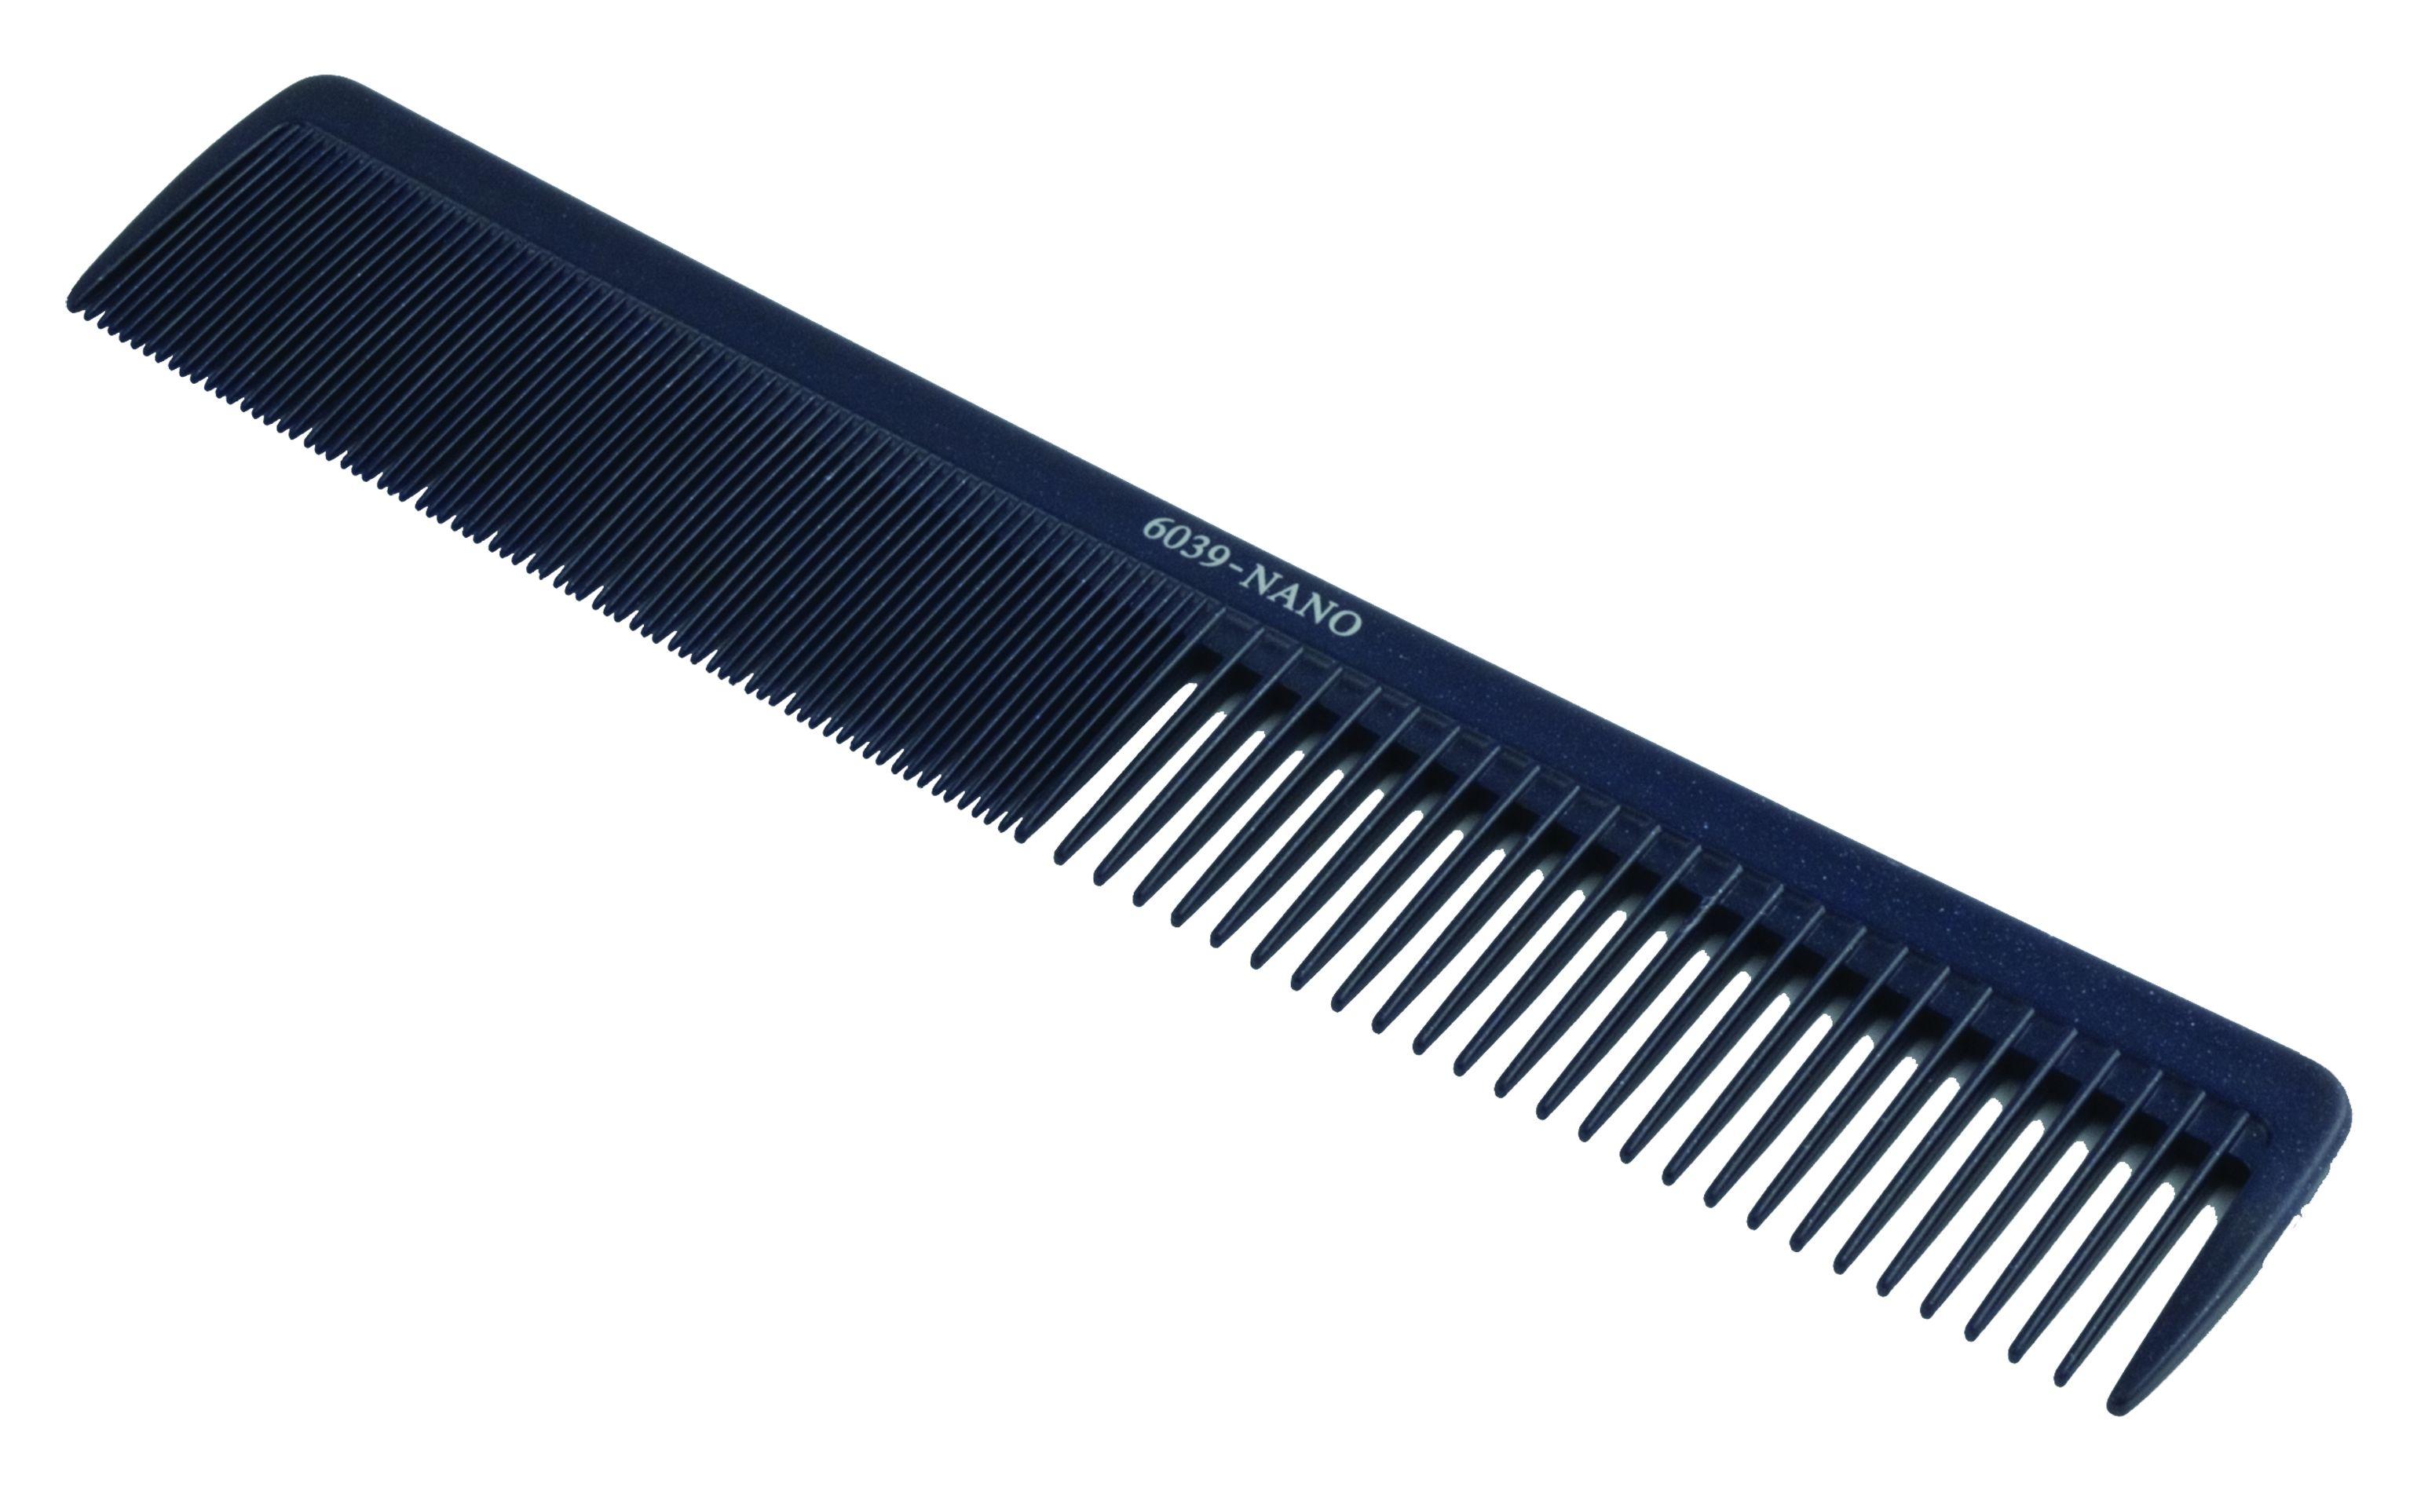 KANSAI Nano Haarschneidekamm weit gezahnt 8,5''